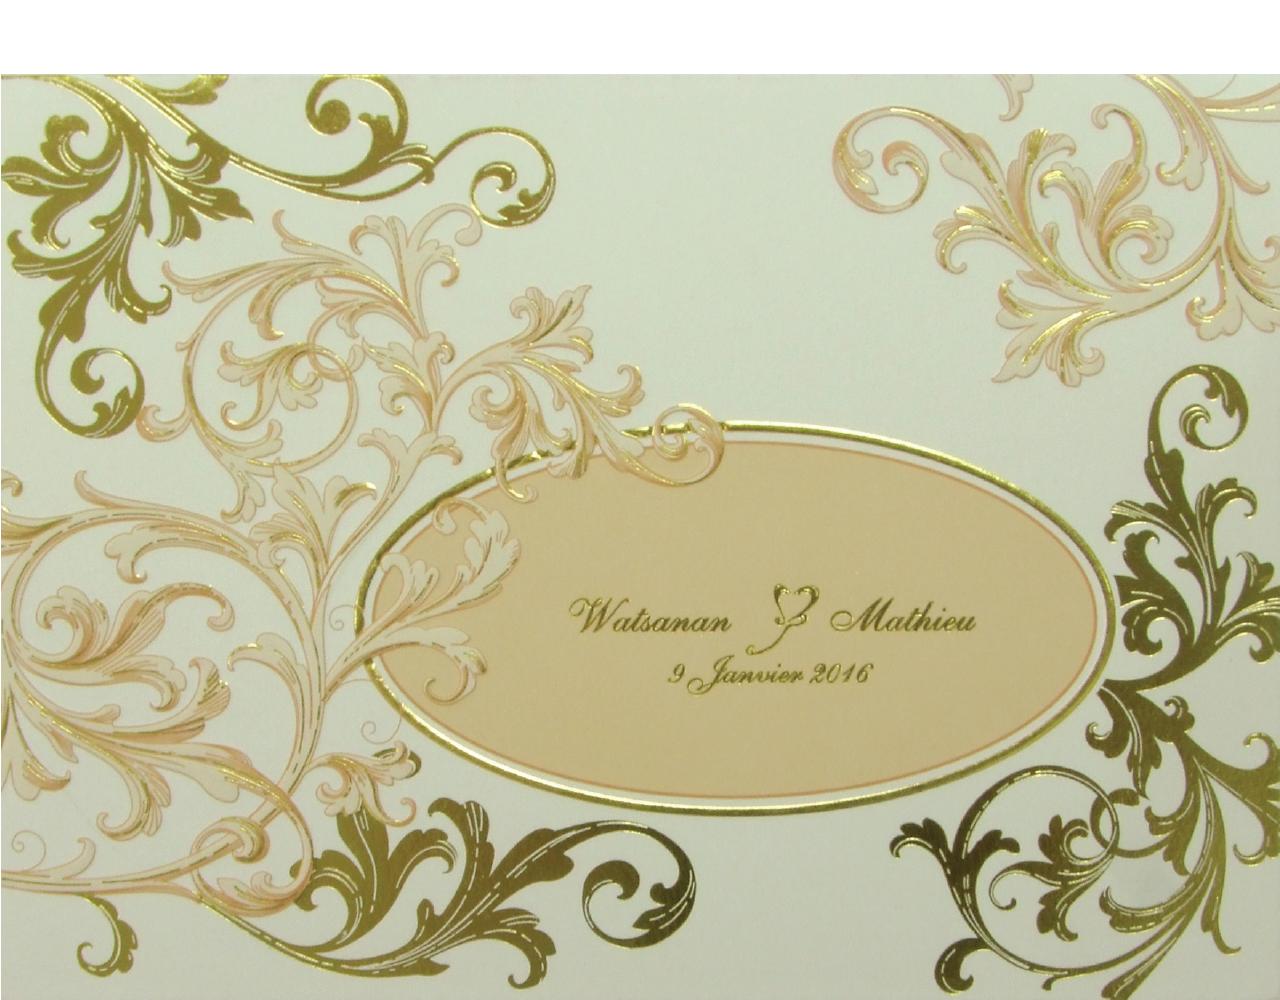 การ์ดแต่งงาน 2 พับ สีครีมทอง ลวดลาย เรียบๆ ปั๊มนูน พิมพ์ทองเค Wedding 15.3 x 21.3 cm SP 5702 Cream